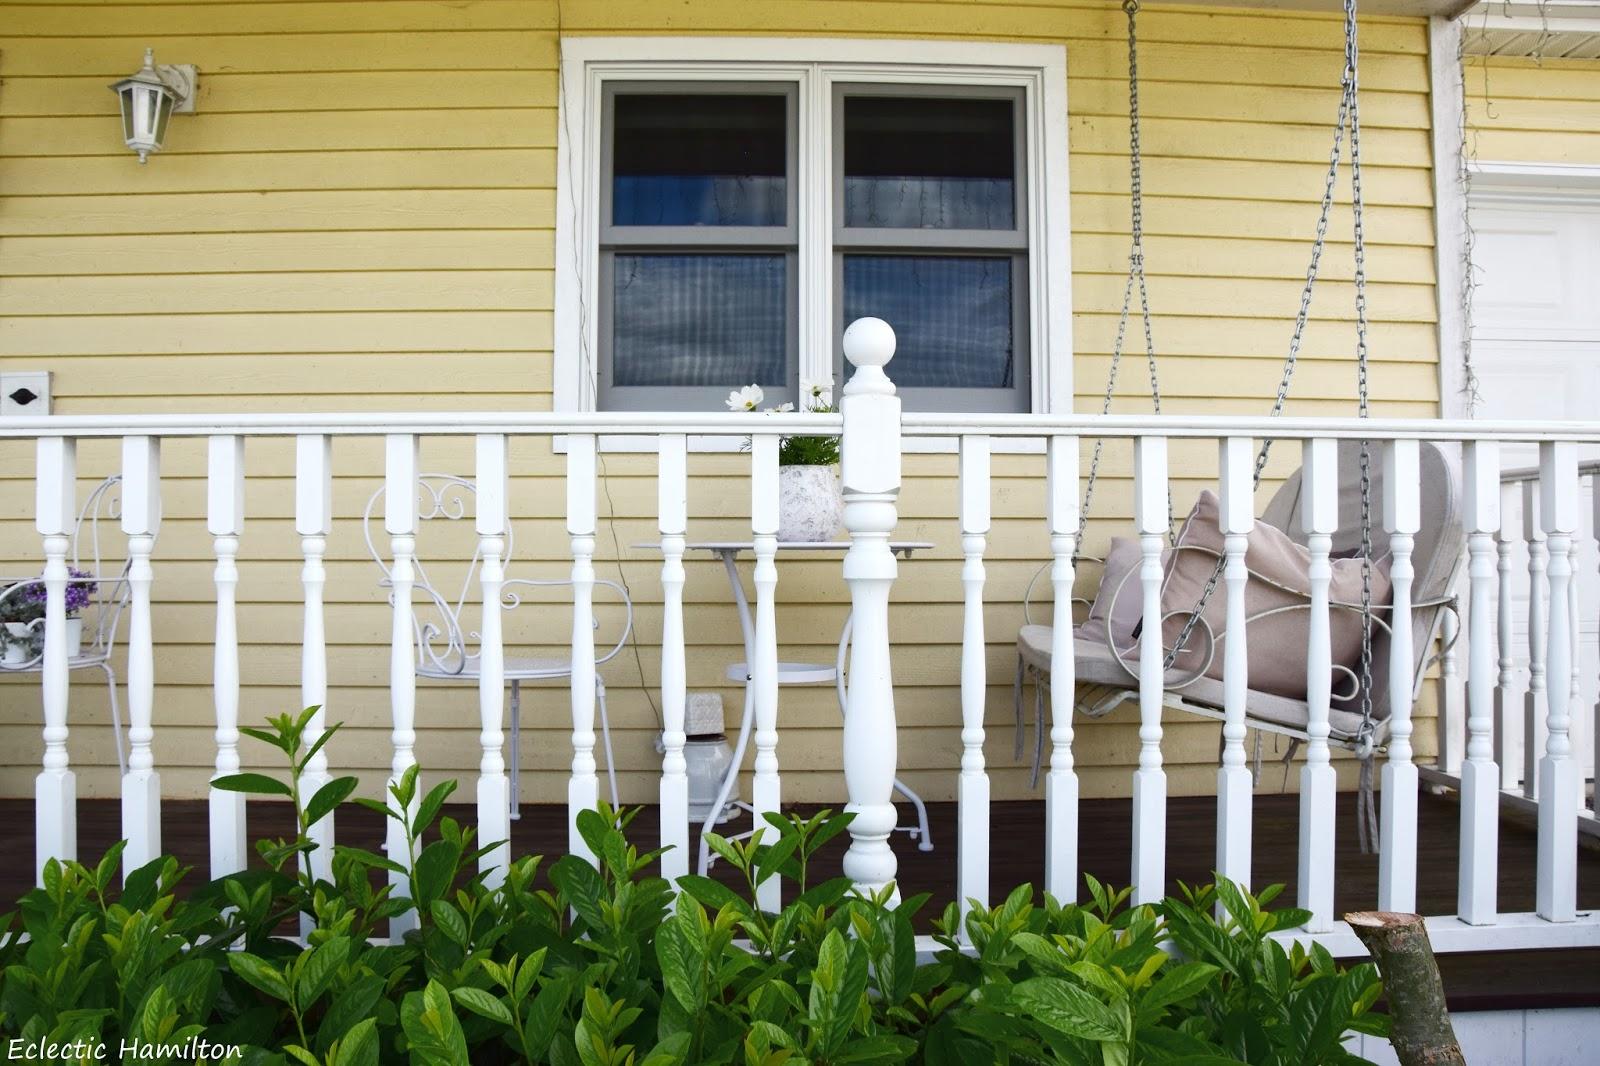 Veranda amerikanisch  Neue Möbel für meine Veranda | ECLECTIC HAMILTON